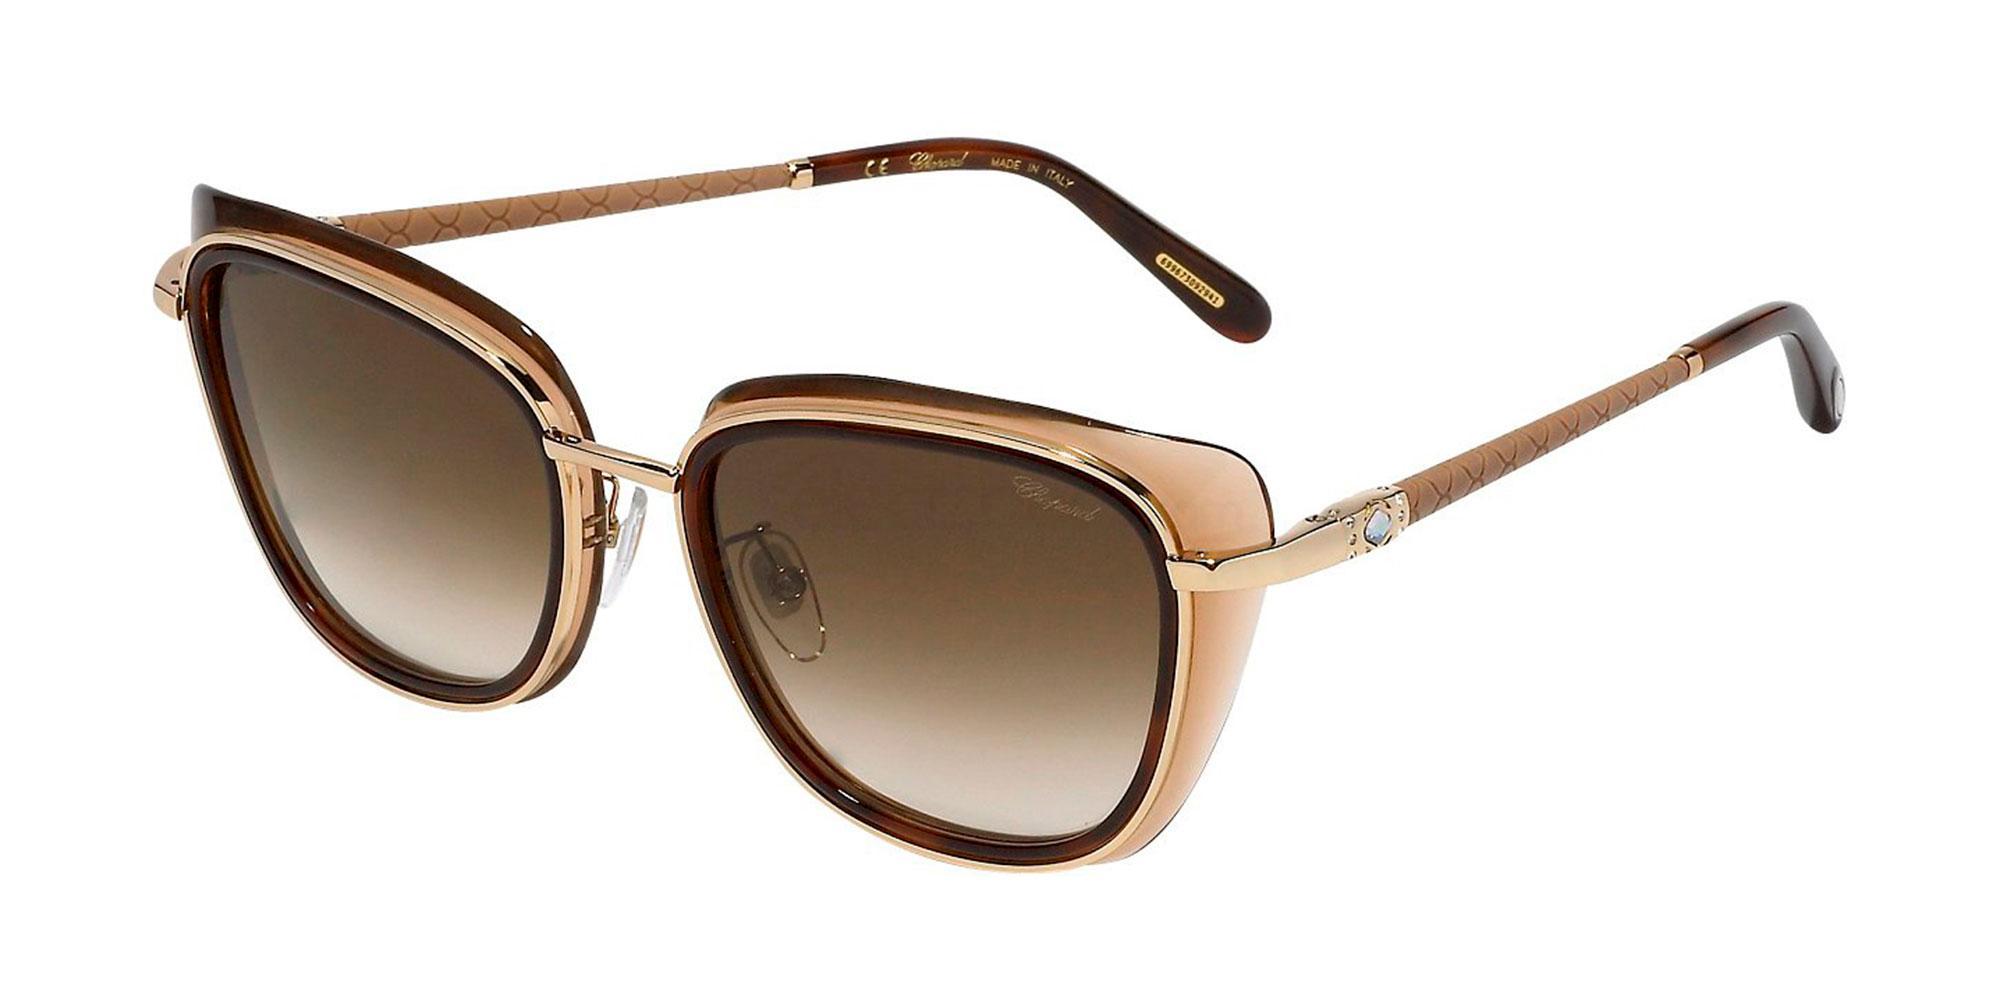 0300 SCHD40S Sunglasses, Chopard